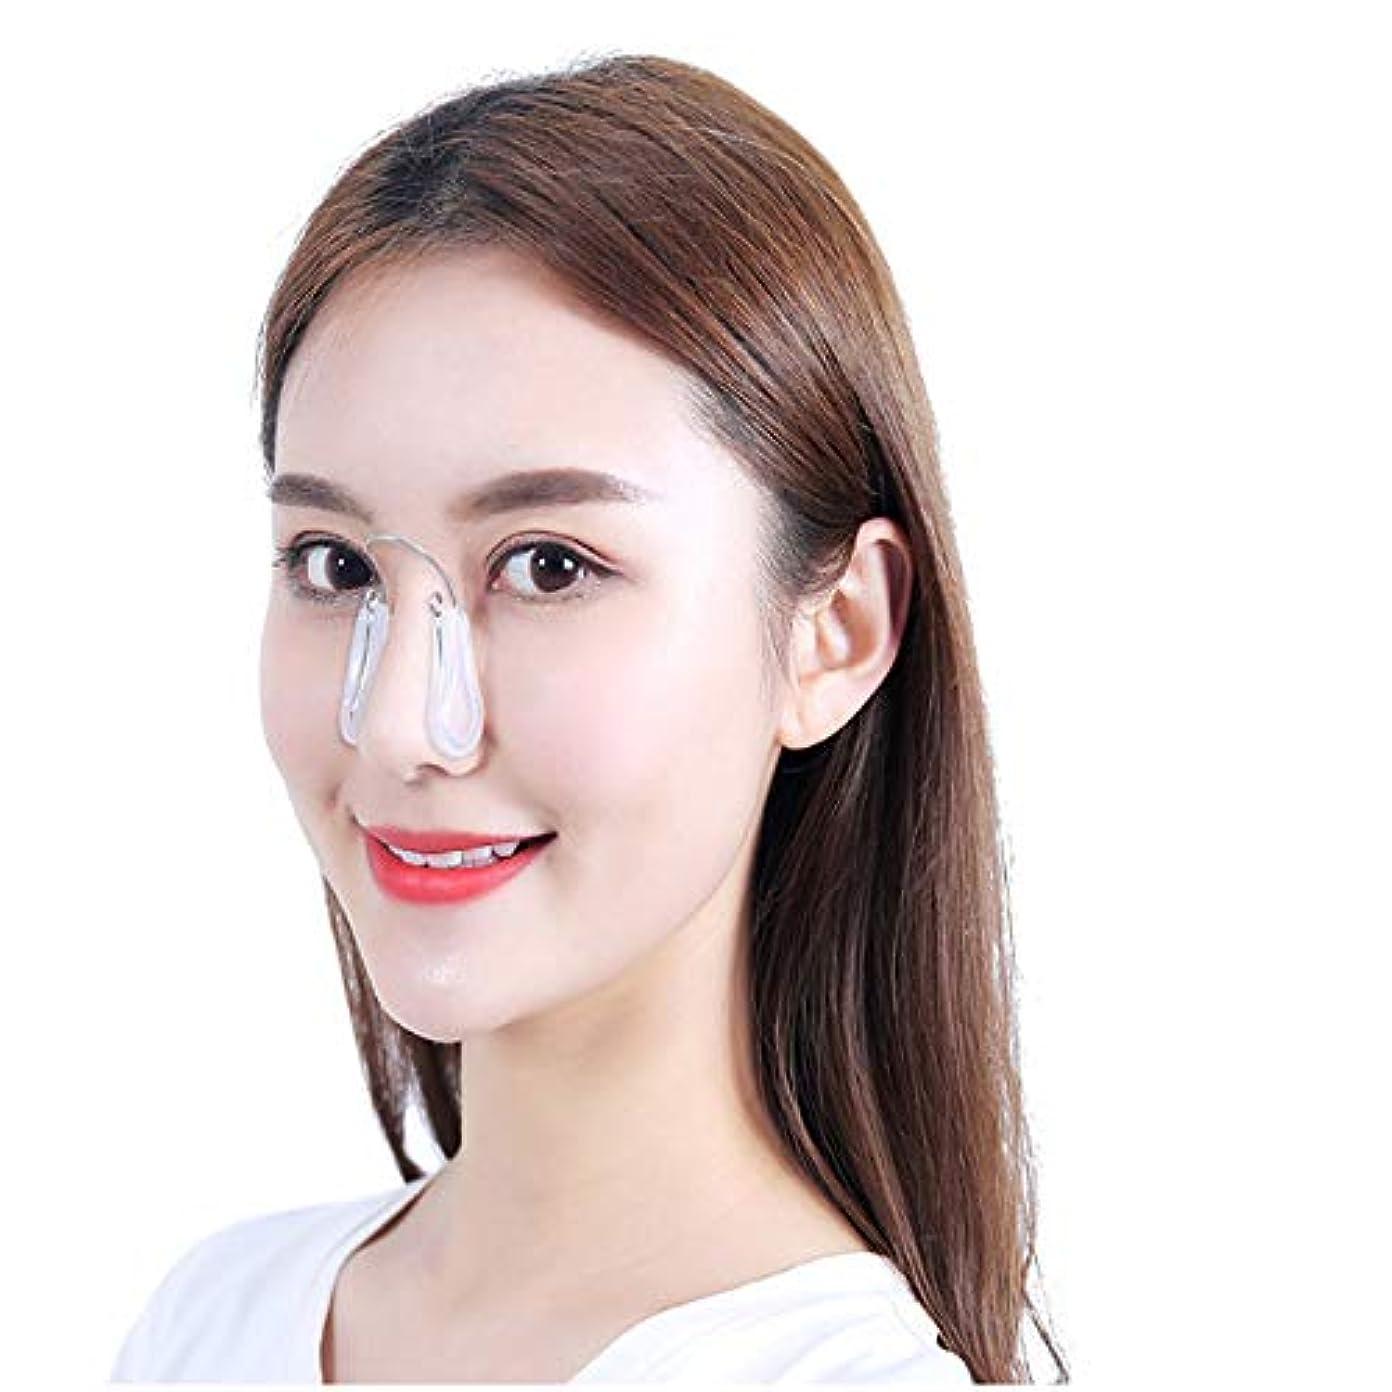 控えめな面倒サポートGOIOD 美鼻ケア 鼻 人工鼻 増強美容 鼻のデバイスシリコンクリップ 鼻筋矯正 簡単美鼻ケア